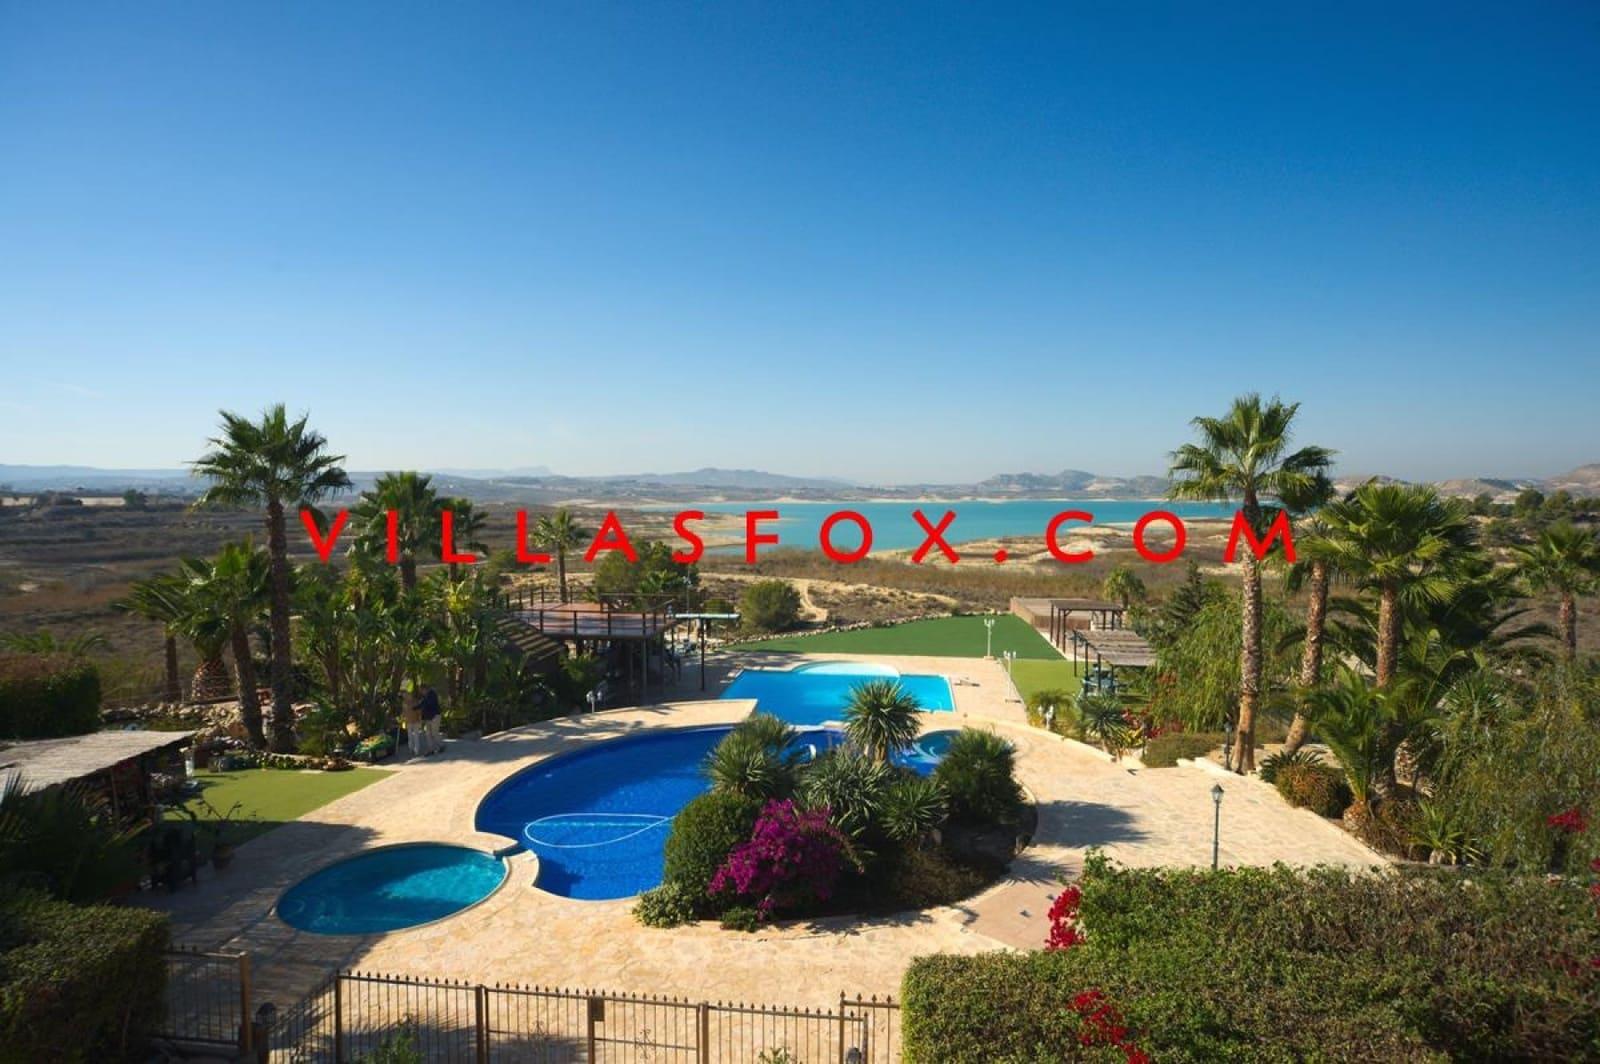 Chalet de 5 habitaciones en Orihuela en venta - 3.850.000 € (Ref: 4263824)